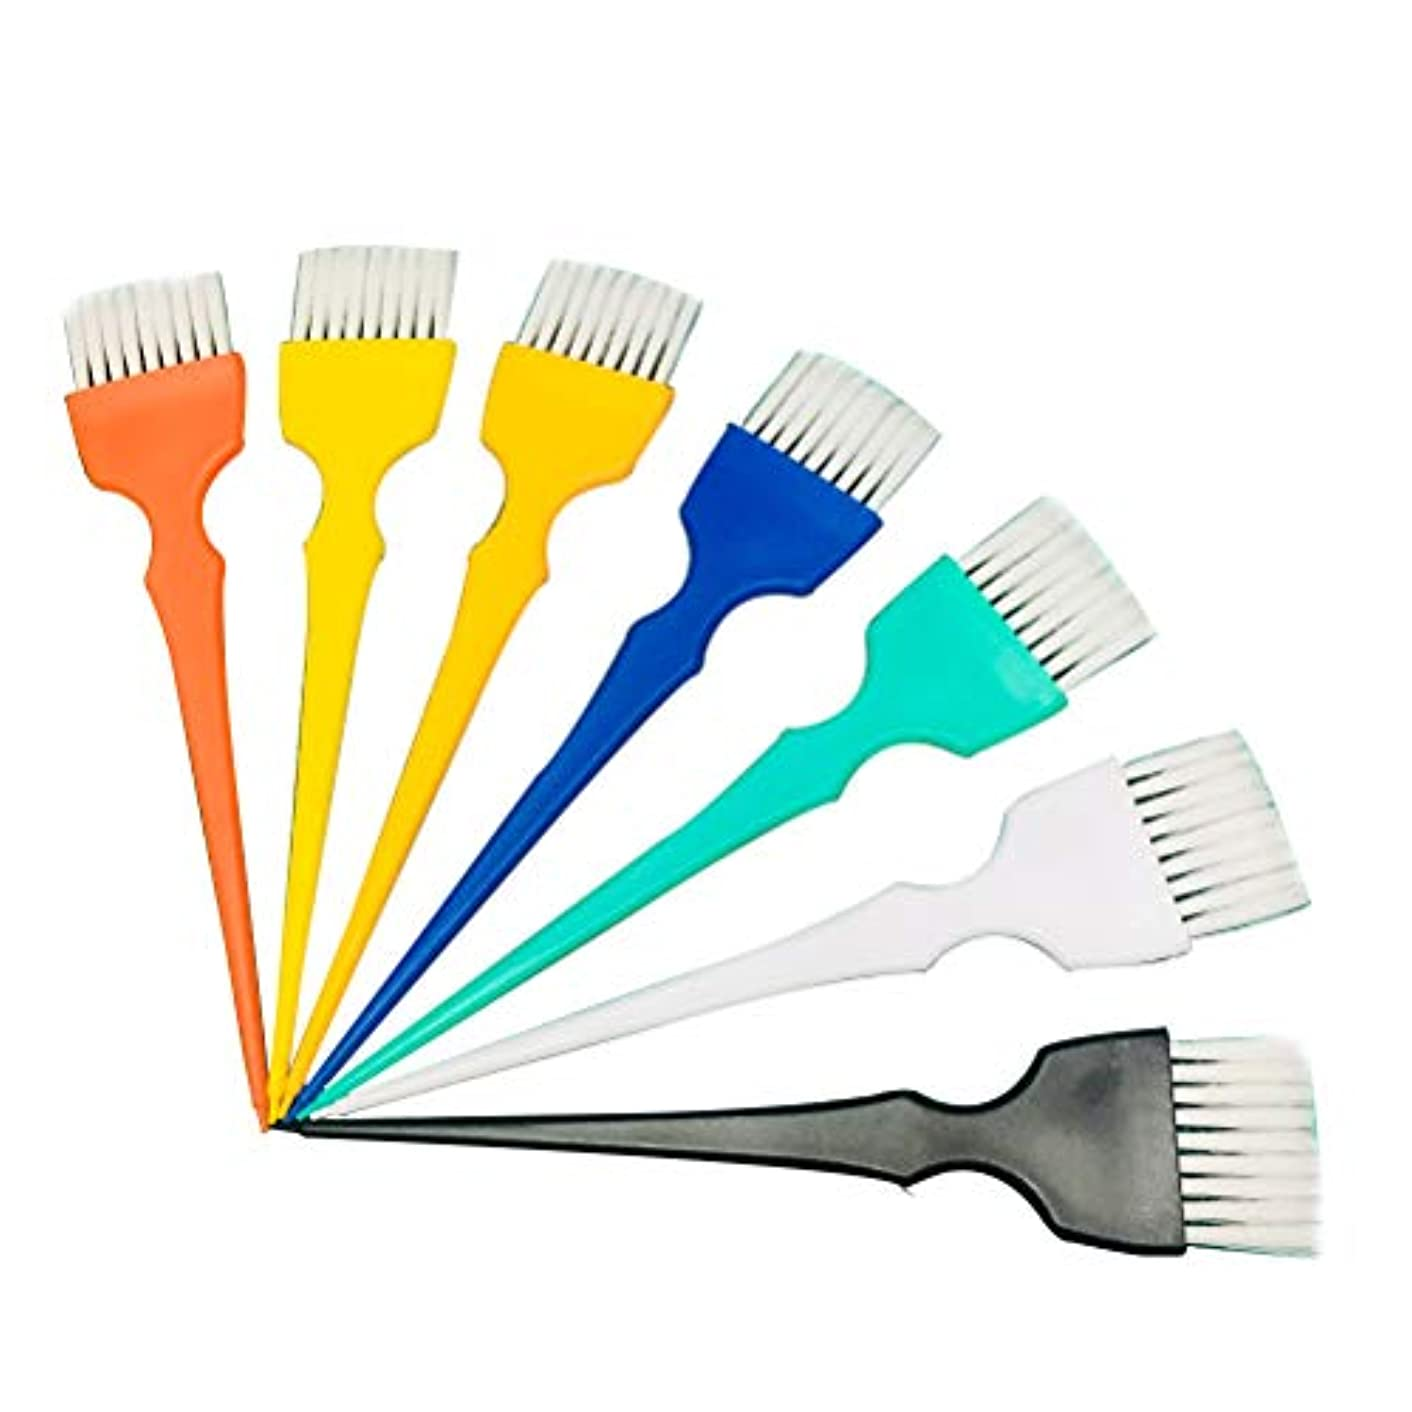 み変形するミシンBeaupretty 7本染毛ブラシプラスチックソフトブラシヘアカラーブラシ美容院用(ランダムカラー)